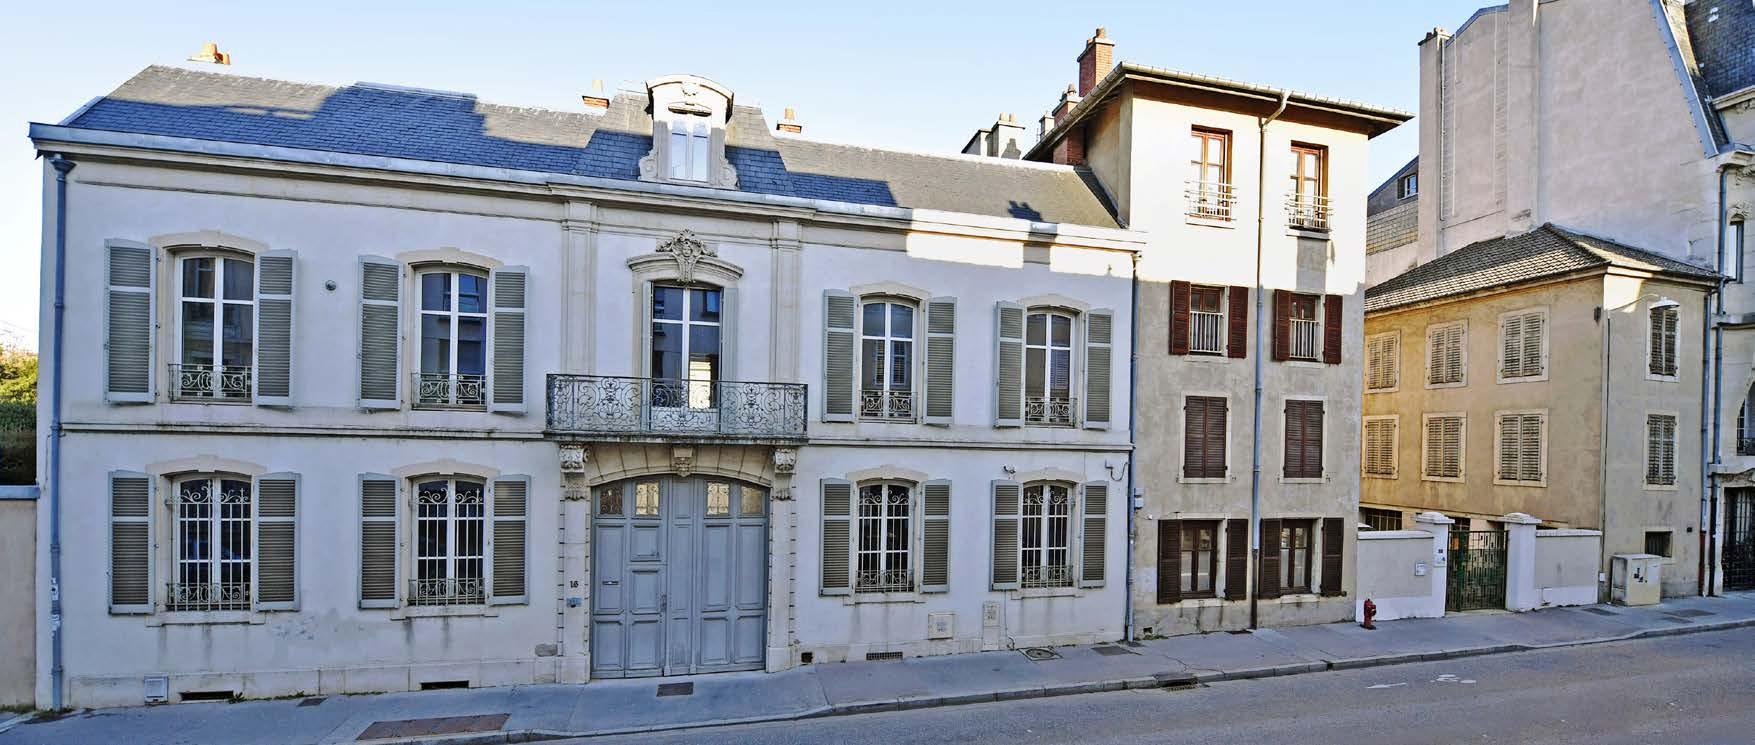 NANCY - 14-16 rue de Metz